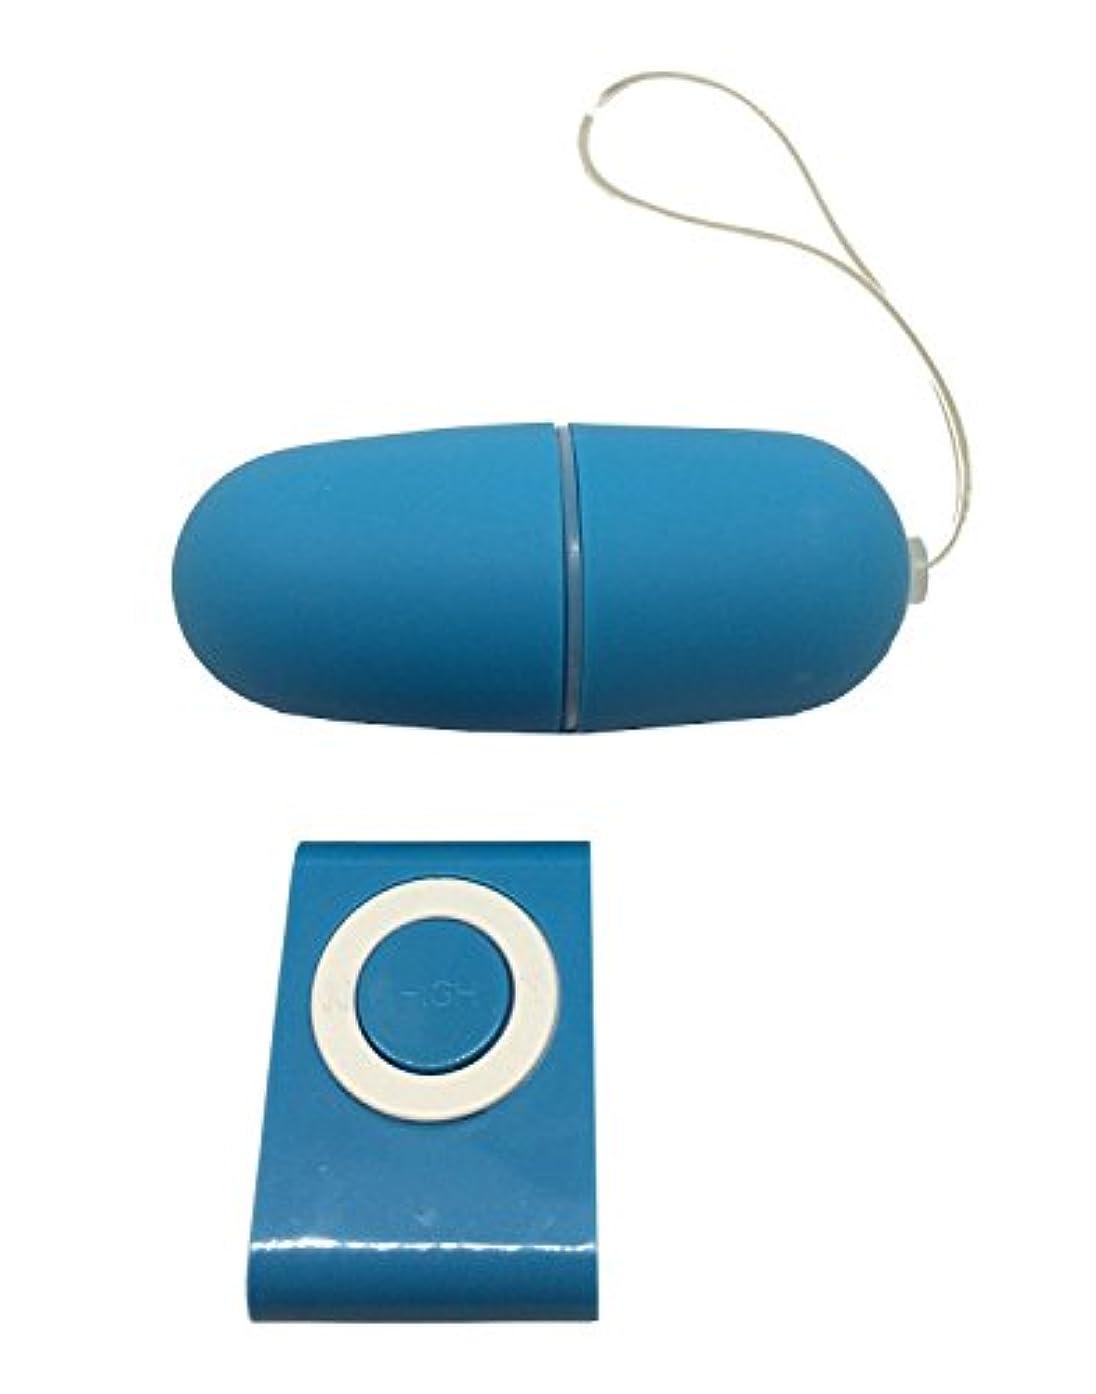 あまりにもの間でゆるい【Ronsen 】リモコン マッサージ ピンク ローター 可愛い 小型 電動 ハンディ マッサージ コードレス 防水 ipod 型 遠隔操作 リモコンワイヤレス (ブルー)